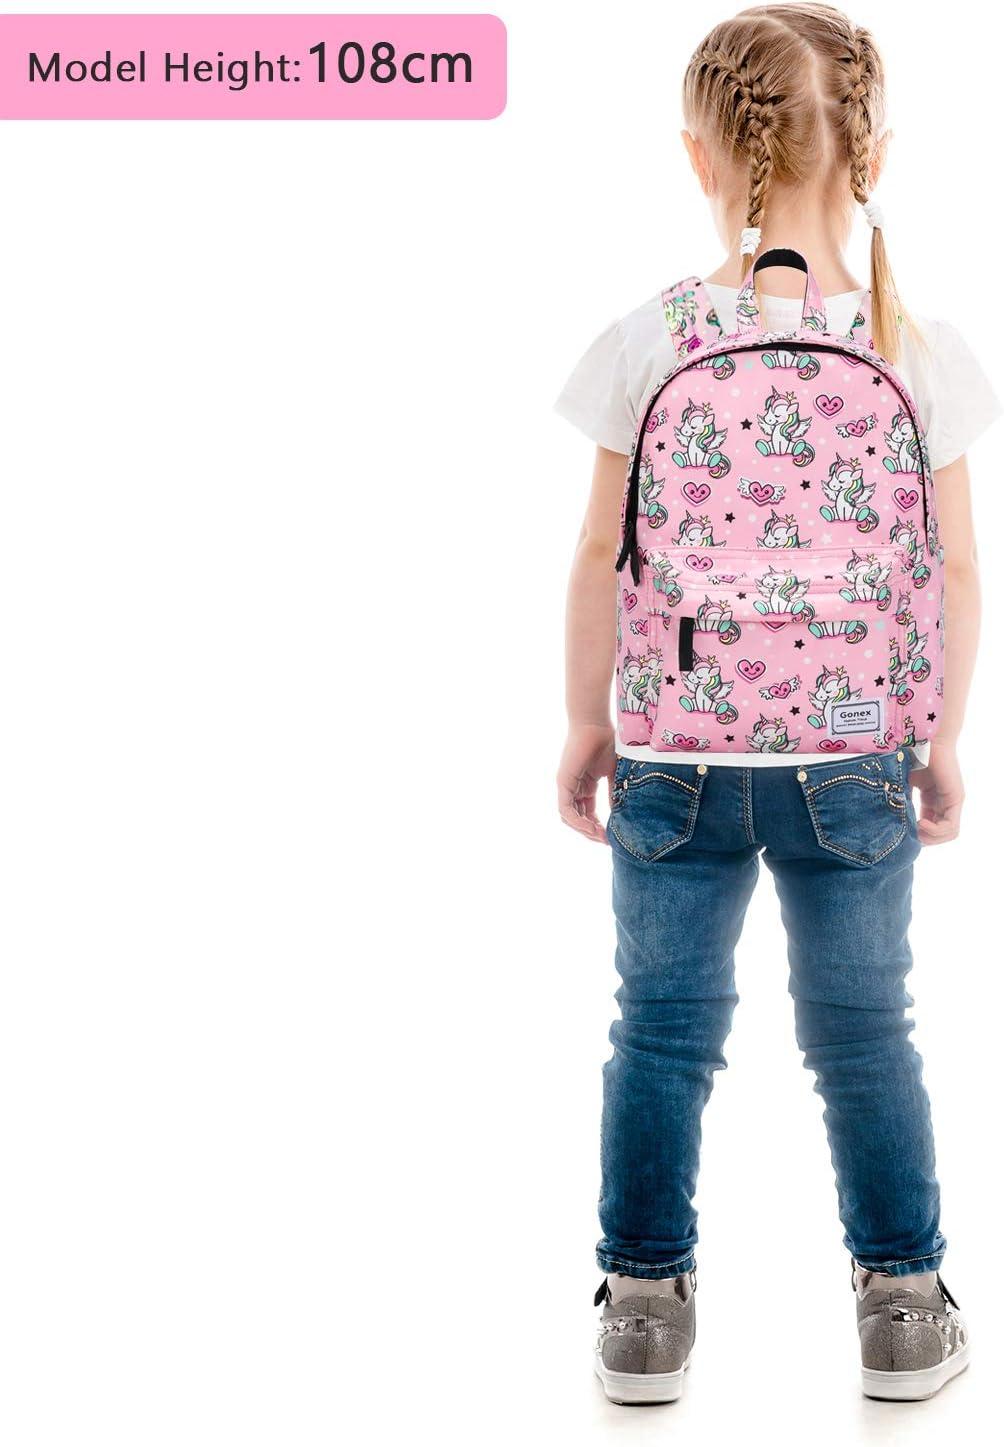 Gonex Sac /à Dos Enfant Maternelle Motifs Imprim/és Prot/éger lepaule Cartable Scolaire en Polyester pour Tout-Petit Fille Gar/çon Enfant Dinausaure